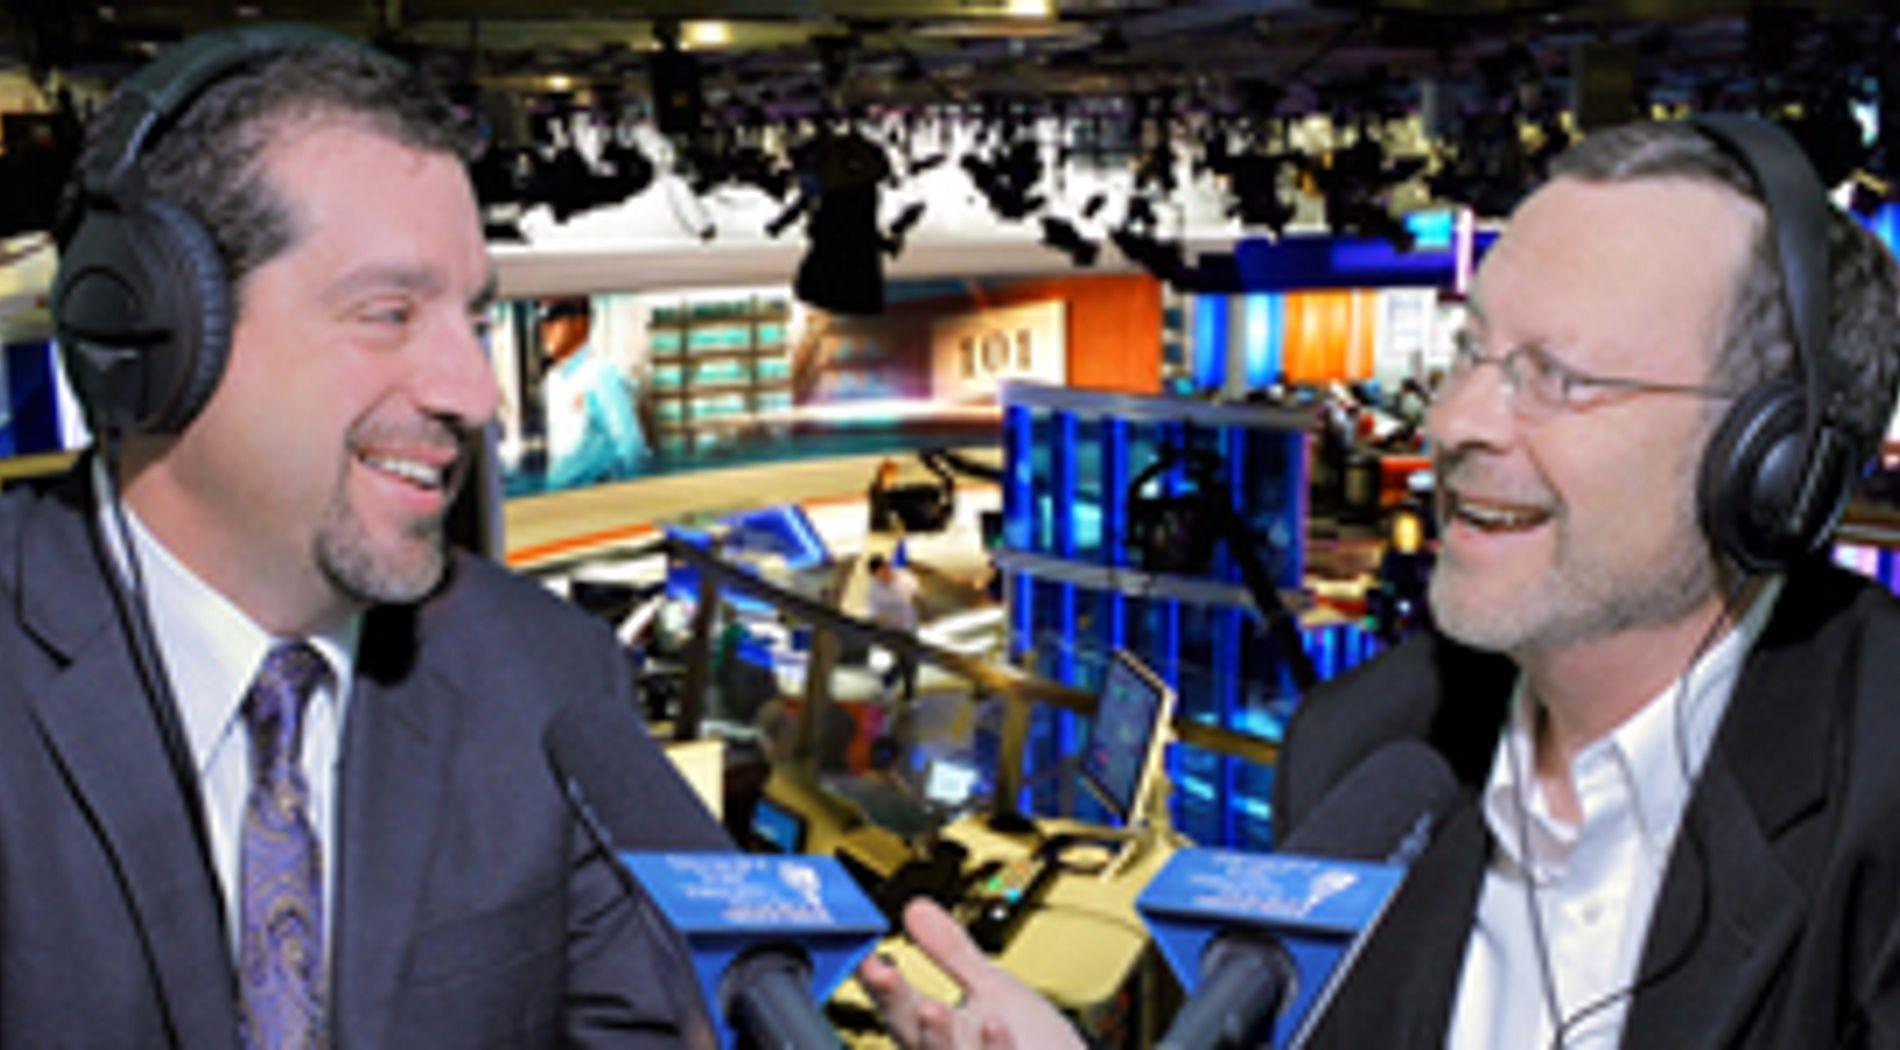 Dave orloff being interviewed